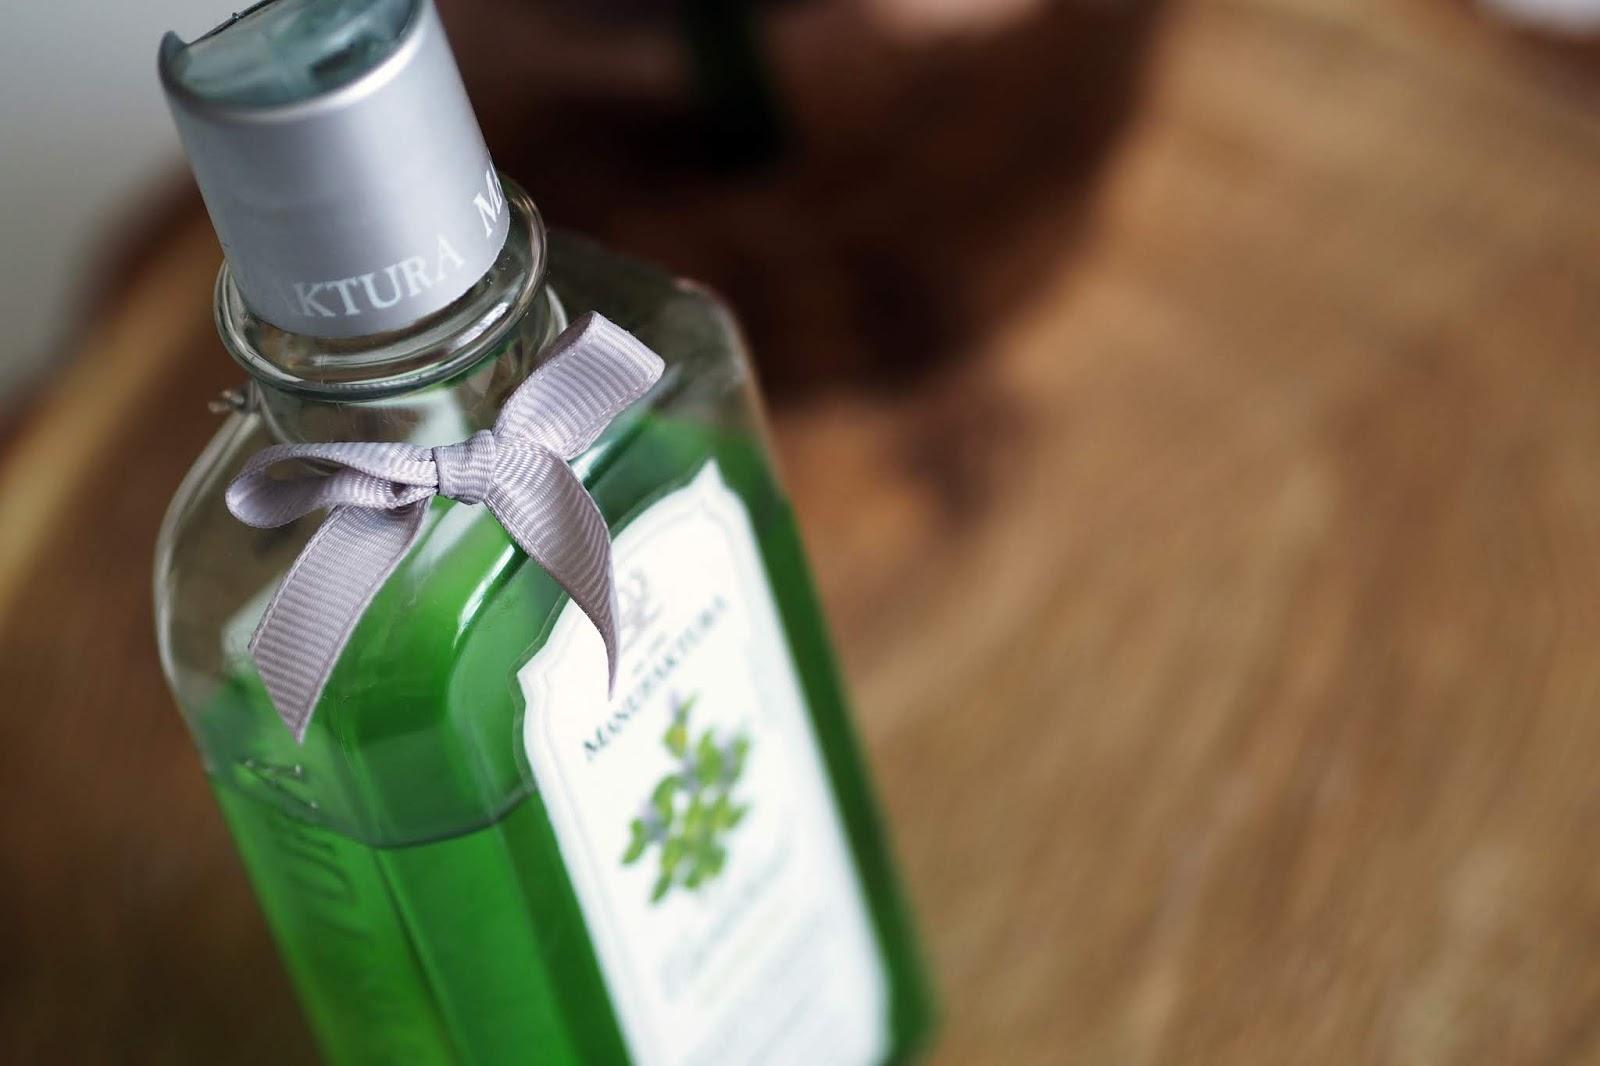 manufaktura Bylinný šampon s vřídelní solí a mátou recenze